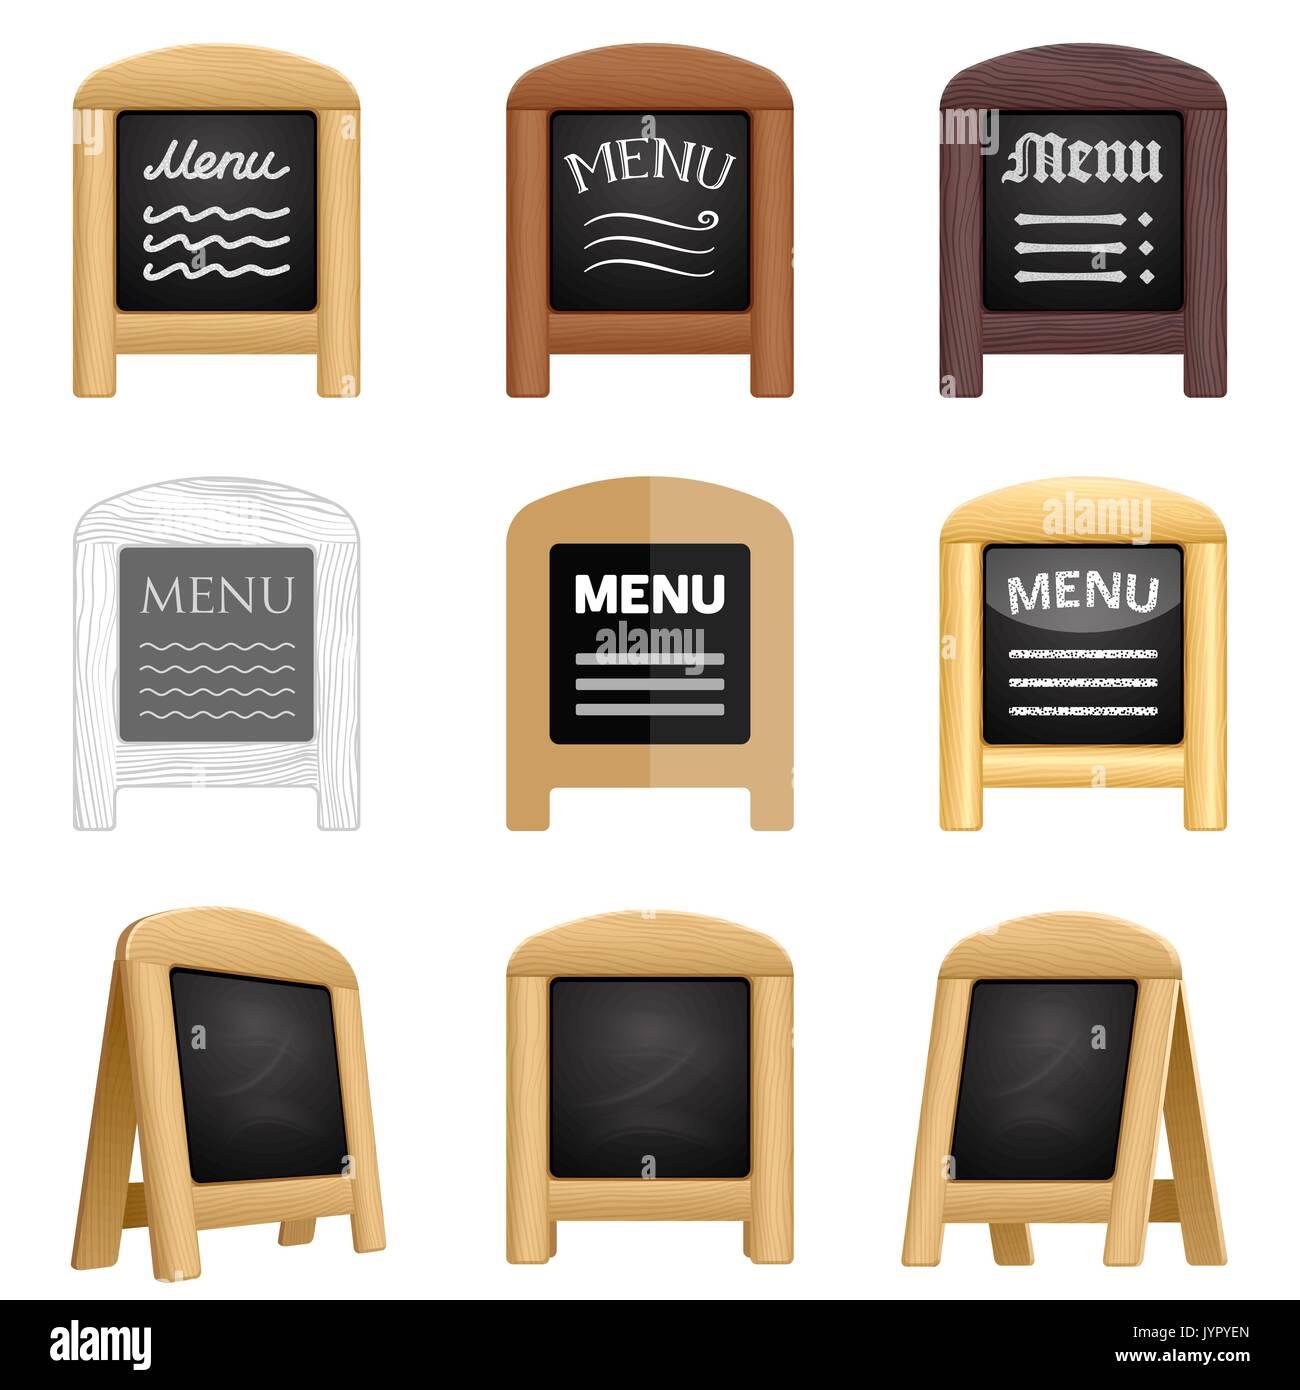 Ensemble d'icônes de menu restaurant tableau noir. Divers conseils sandwich trottoir avec un cadre en bois et d'une craie. 3D réaliste pliage blanc panneaux pour eatery. Illustration de Vecteur